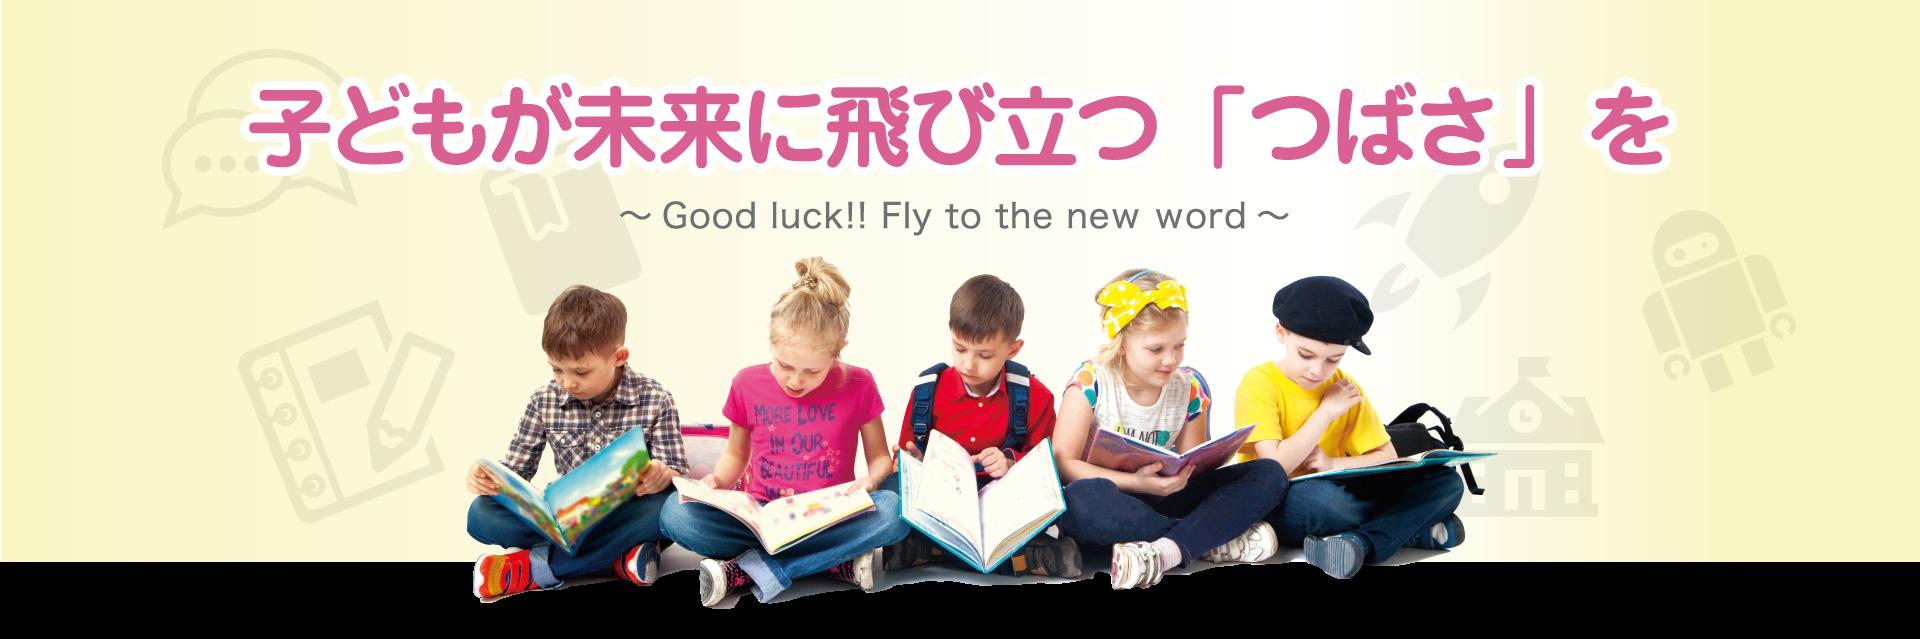 子供が未来に飛び立つ「つばさ」を~Good luck!! Fly to the new world~